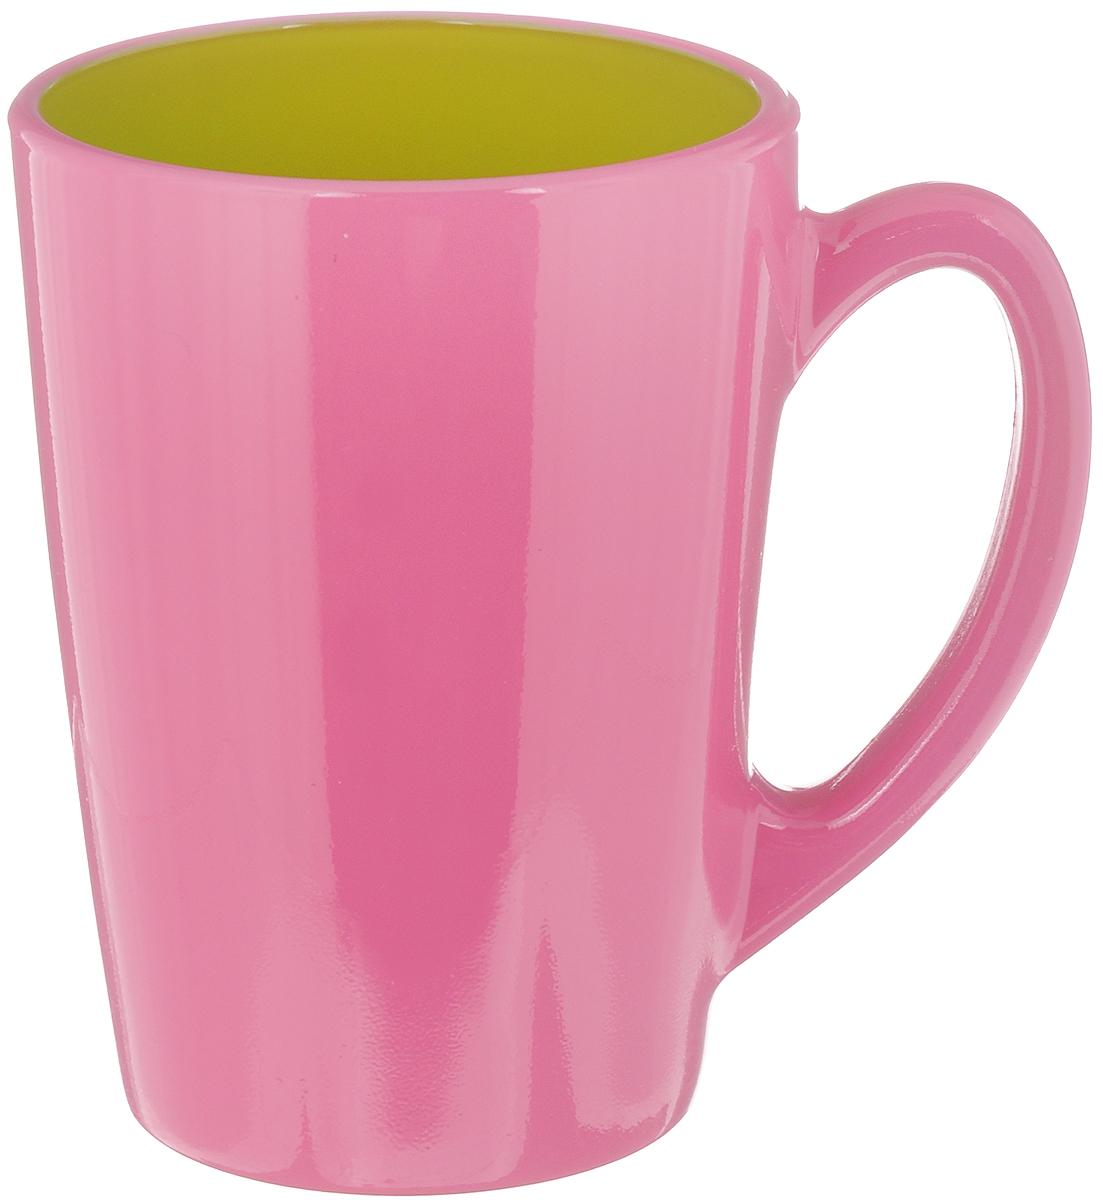 Кружка Luminarc Spring Break, цвет: розовый, салатовый, 320 млH8279Кружка Luminarc Spring Break, изготовленная из высококачественного стекла, оснащена эргономичной ручкой. Кружка прекрасно дополнит интерьер любой кухни. Яркий дизайн изделия придется по вкусу и ценителям классики, и тем, кто предпочитает утонченность и изысканность. Диаметр кружки (по верхнему краю): 8 см. Высота кружки: 11 см.